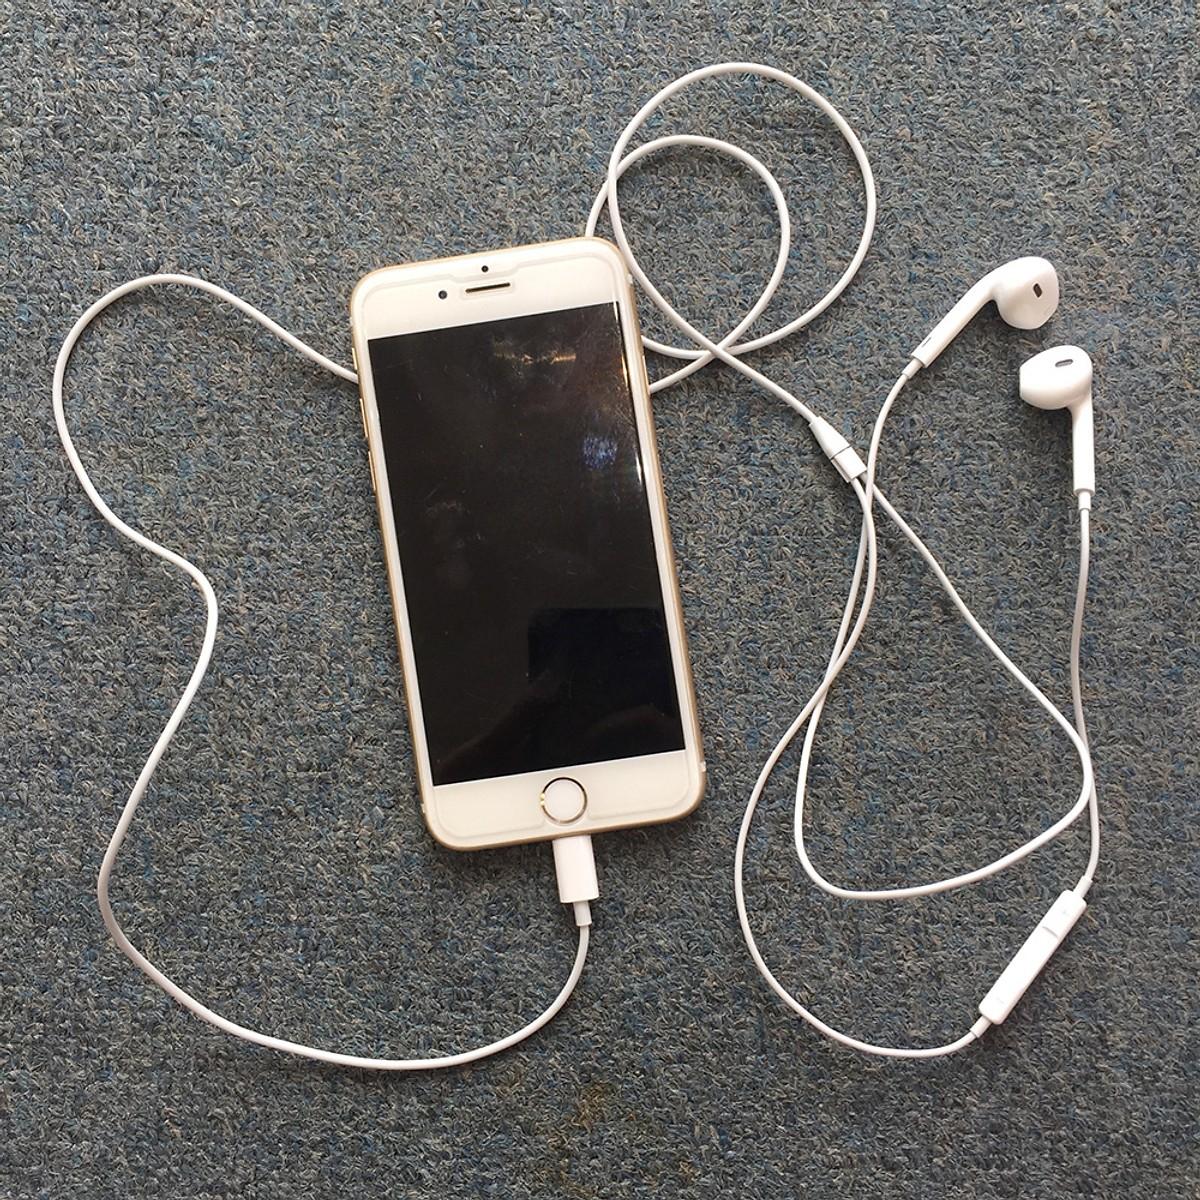 Tai Nghe Iphone 7/8 - Hàng Chính Hãng